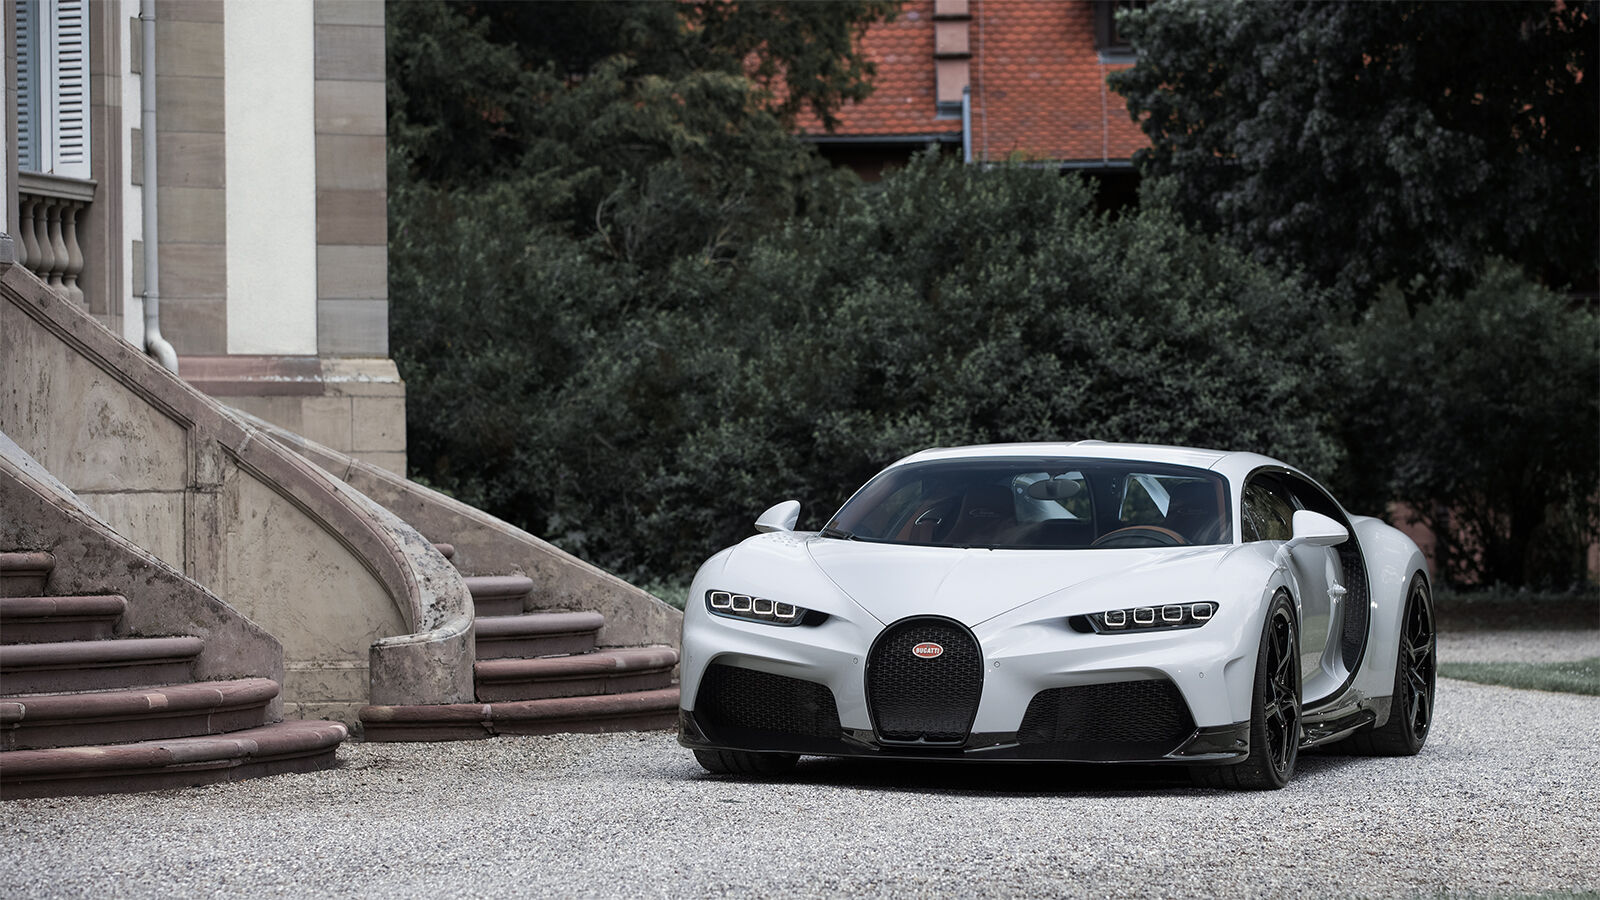 Specifications and price of Bugatti Chiron Super Sport in Nigeria